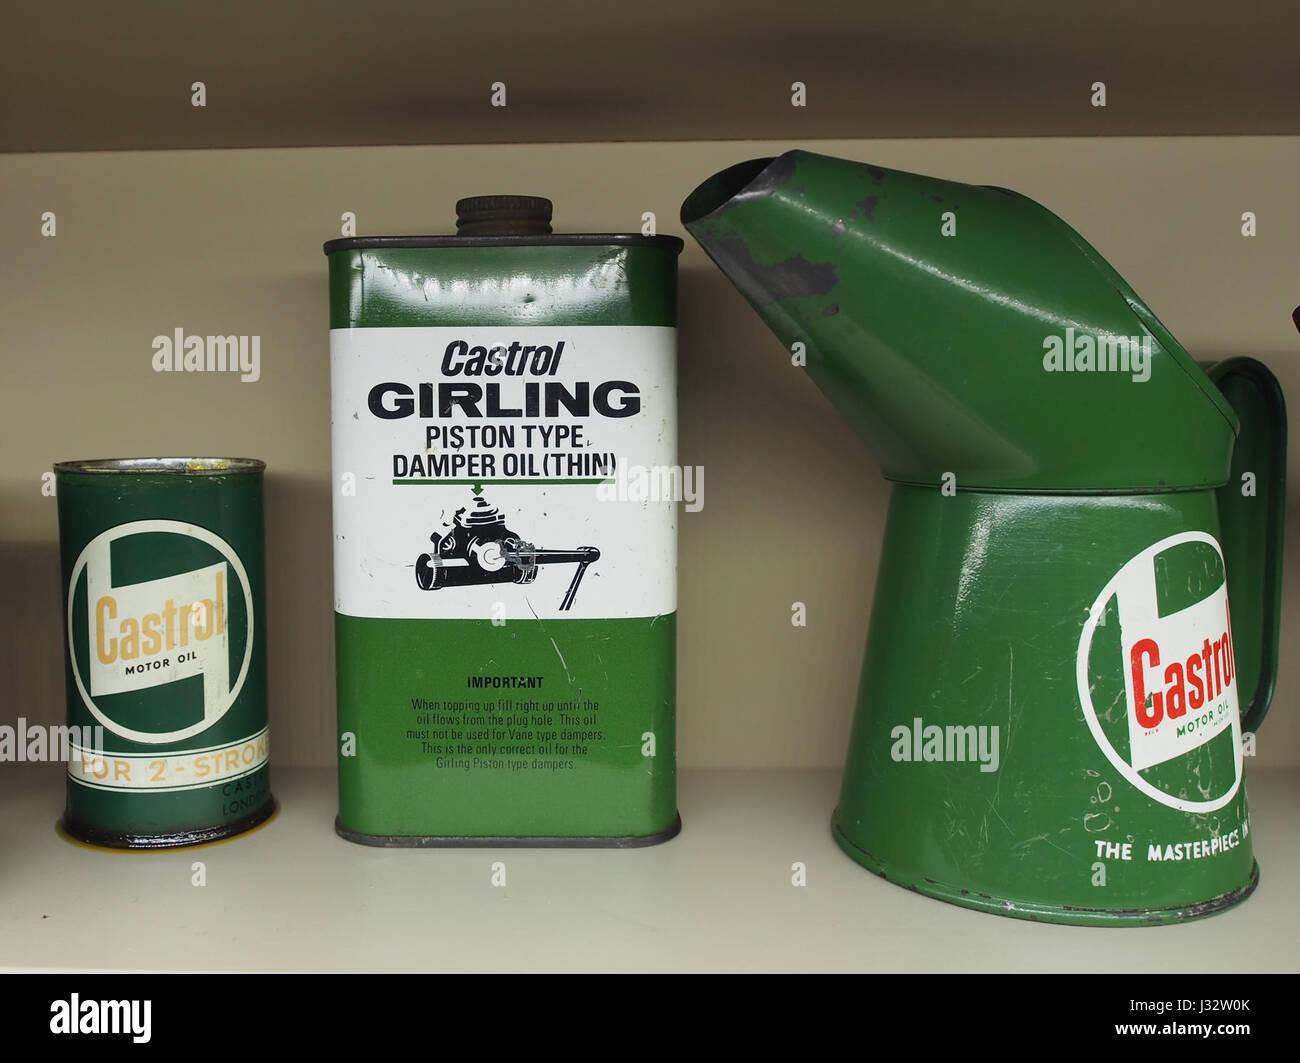 Castrol Girling Kolben Dämpfer Öl Stockbild